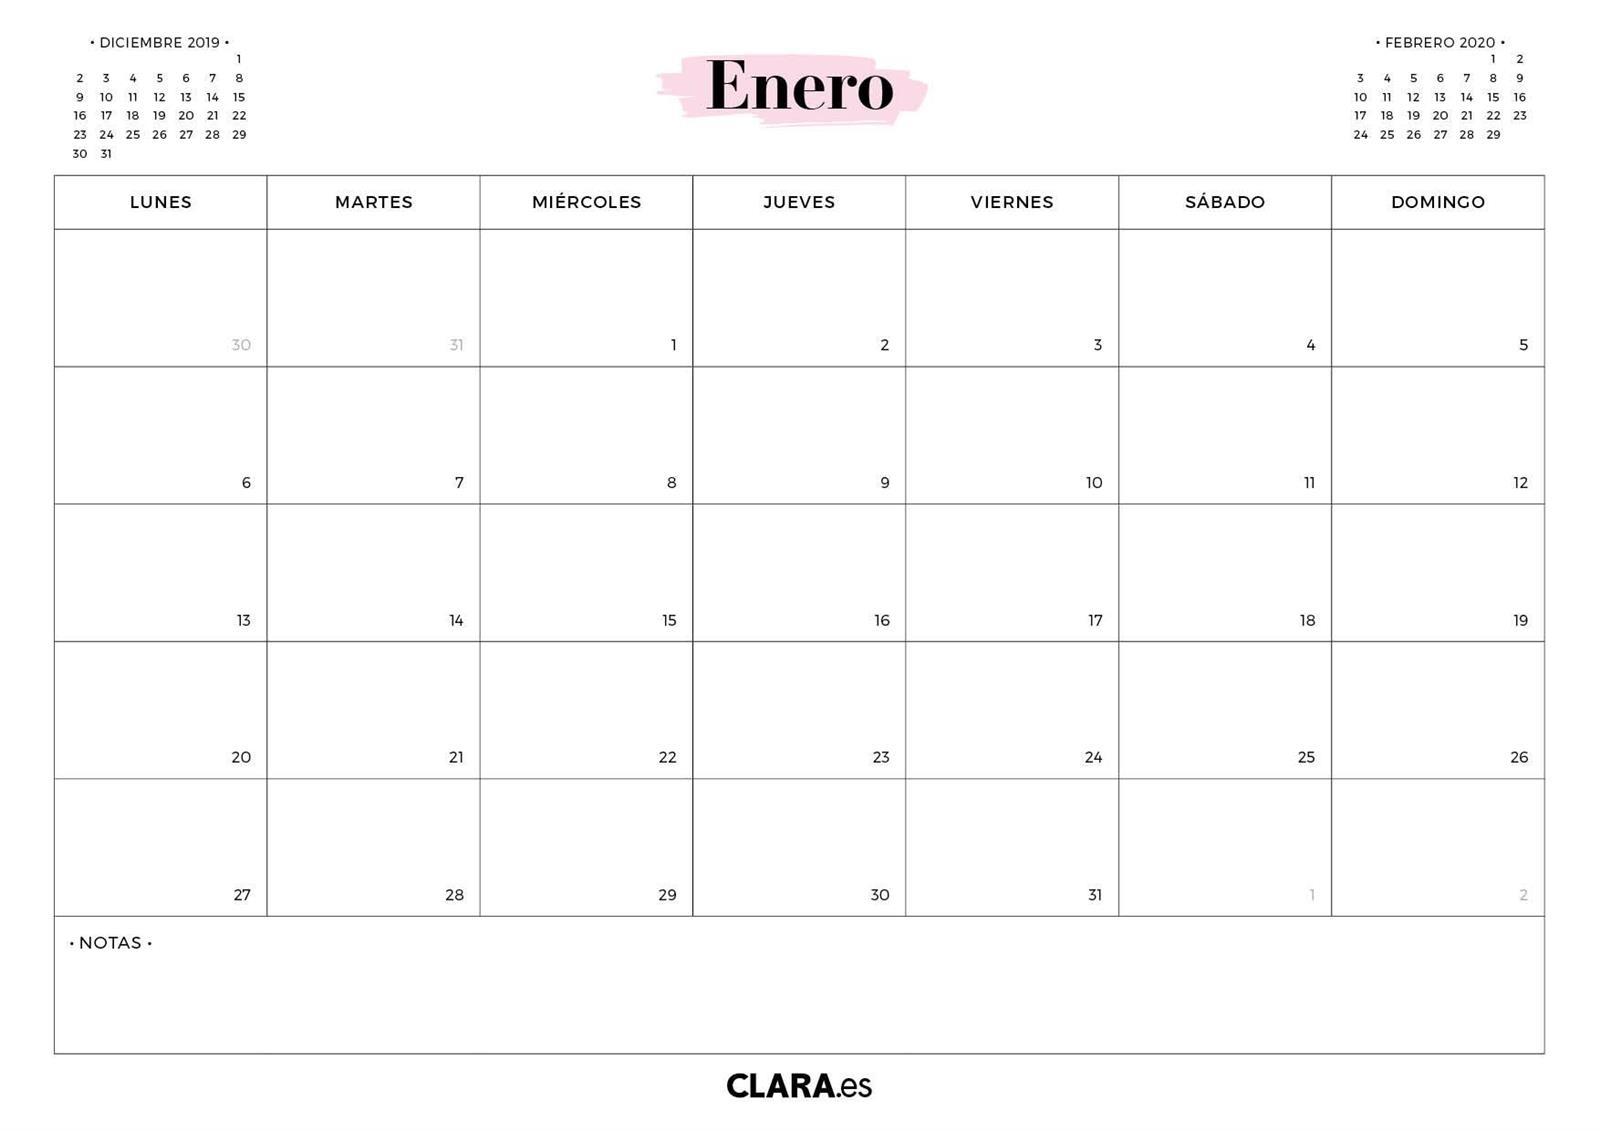 Calendario 2020 Para Imprimir Gratis (En Pdf Y Jpg)